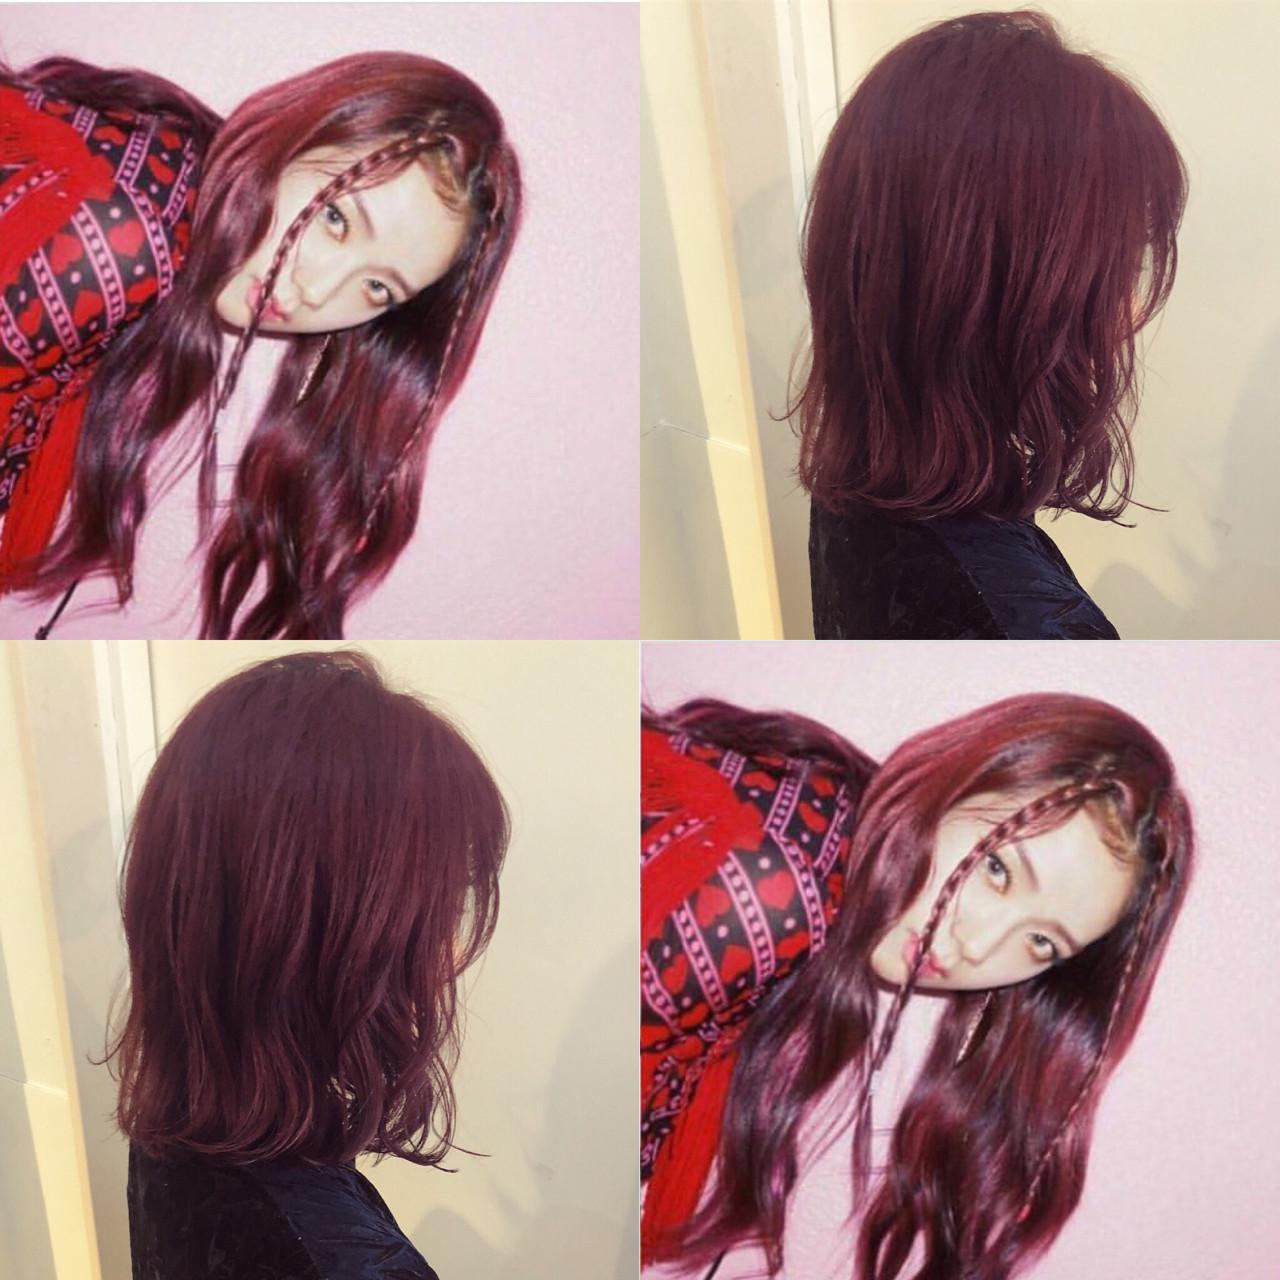 髪色から秋めいて。最新トレンドは「レッドブラウン」のヘアカラー♡の20枚目の画像